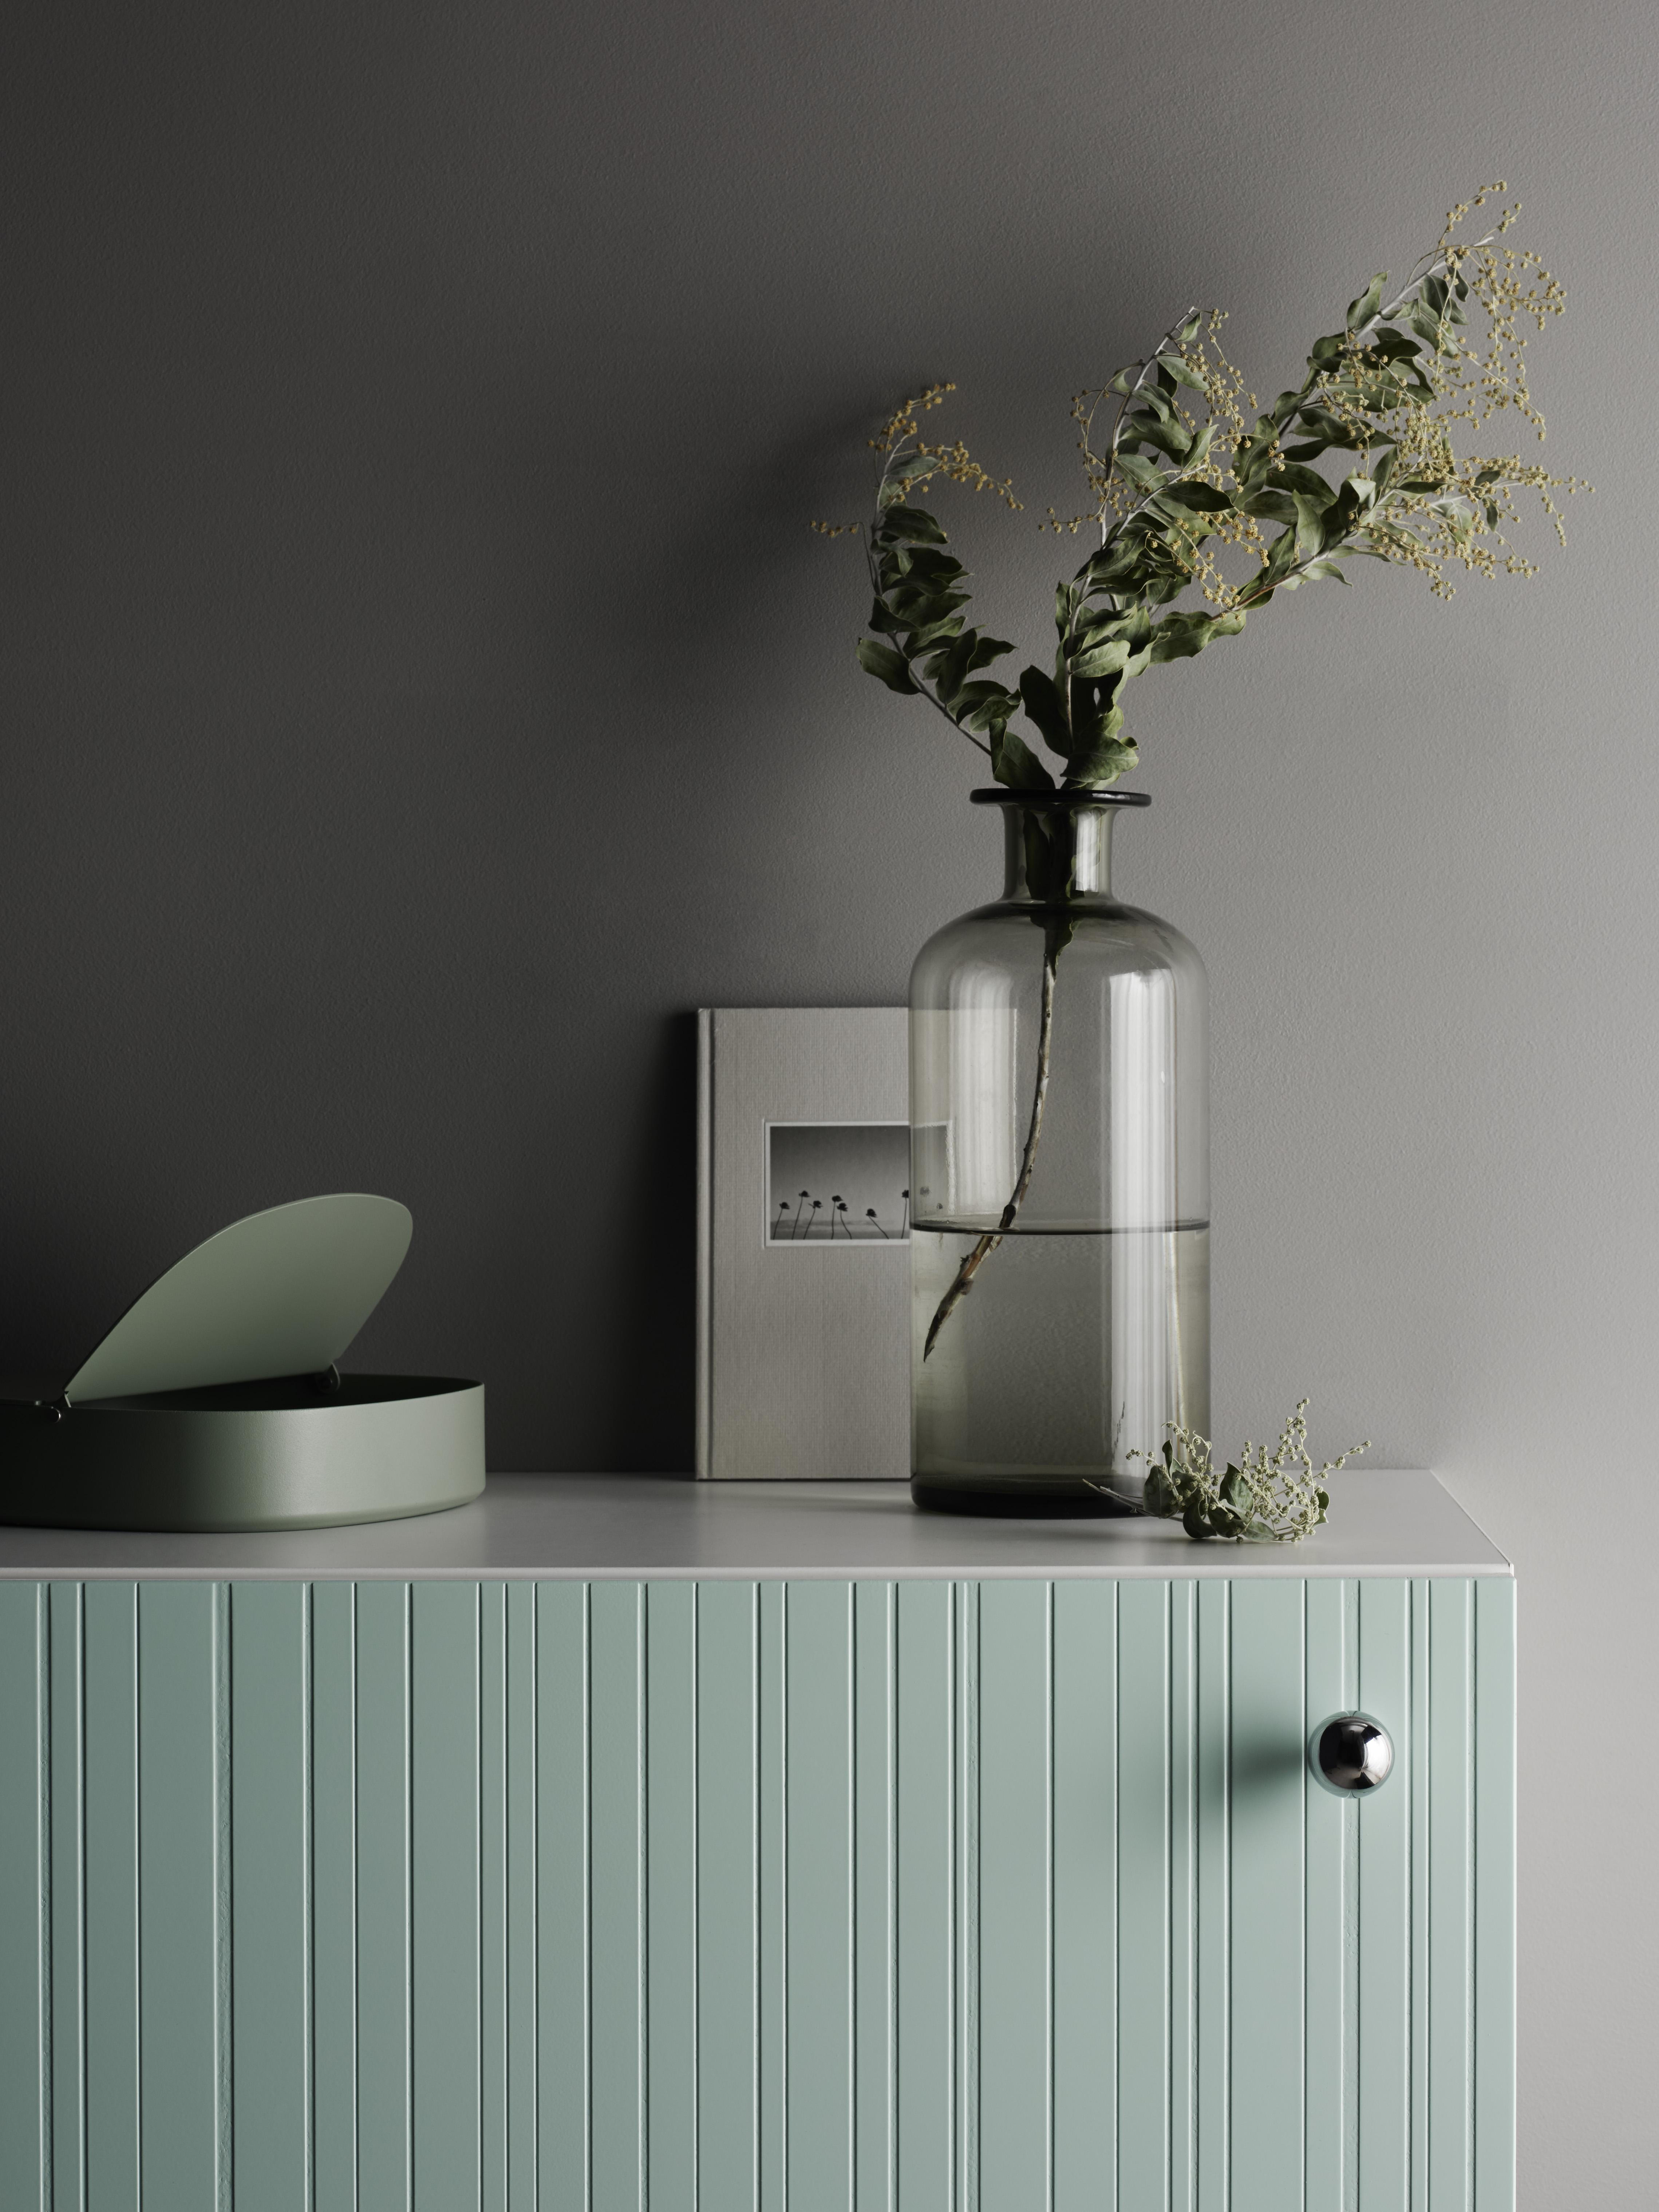 Comment personnaliser facilement ses meubles ikea - Meuble ikea customise ...